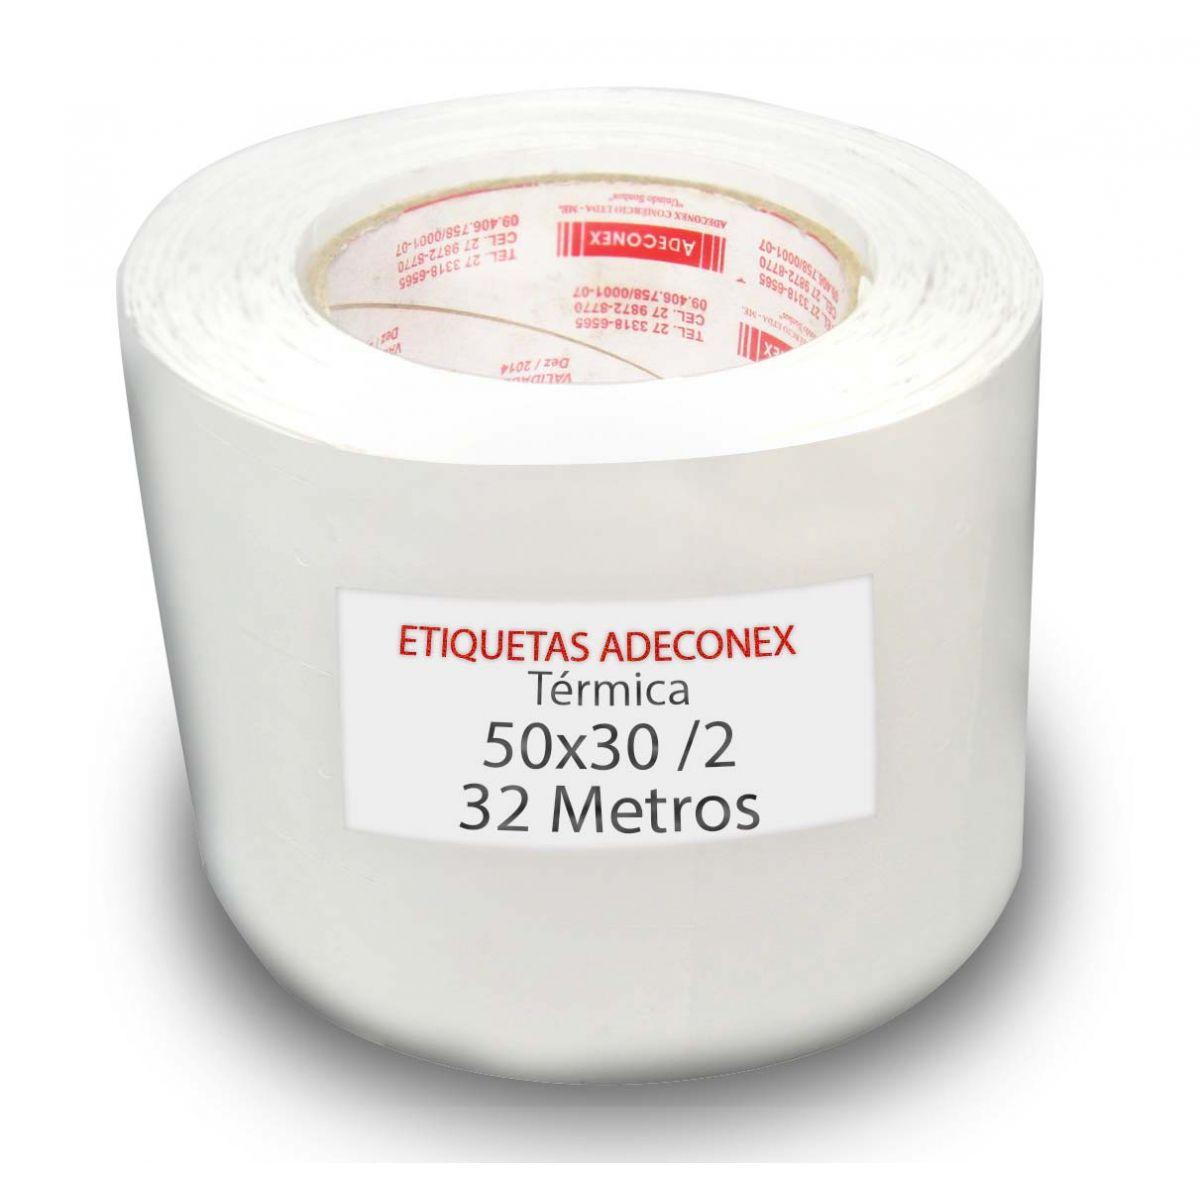 Etiquetas para Laboratório 50x30 Mm Térmica 2 Colunas 32 Metros